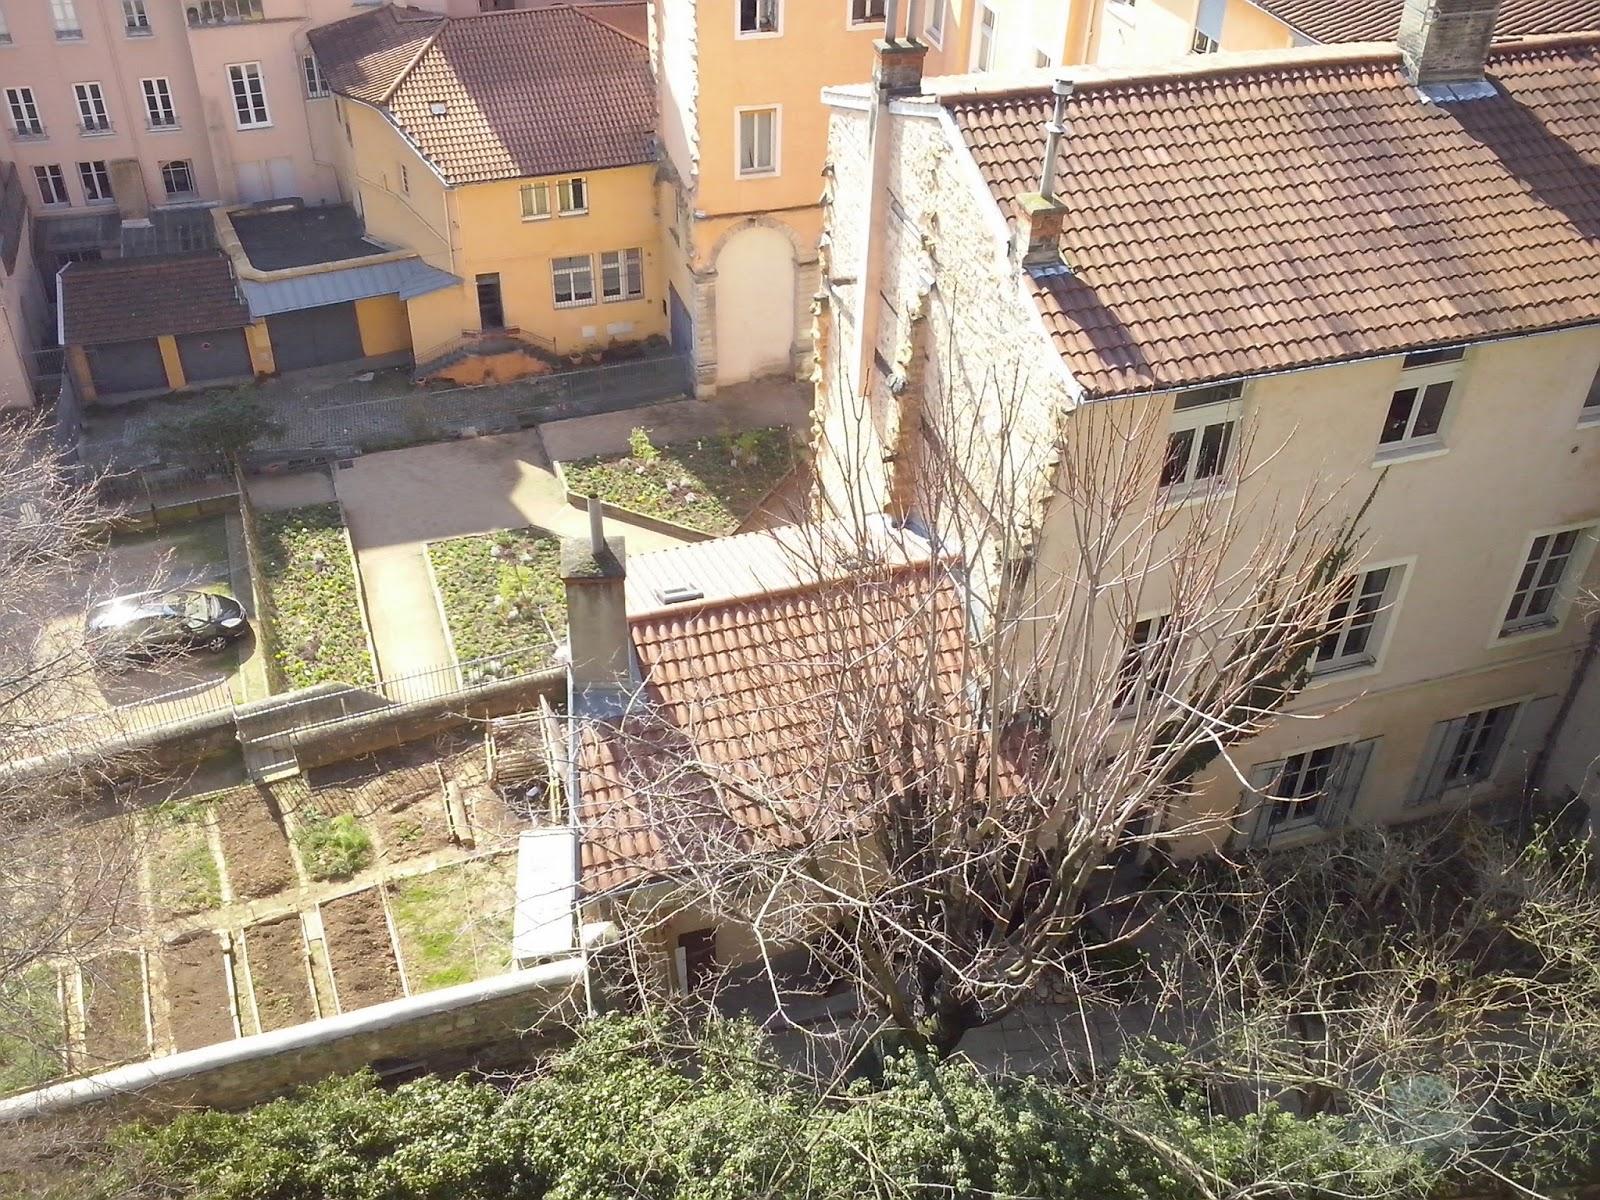 A NOUS LYON ET SES ALENTOURS Clos Saint Beno t Lyon 1er